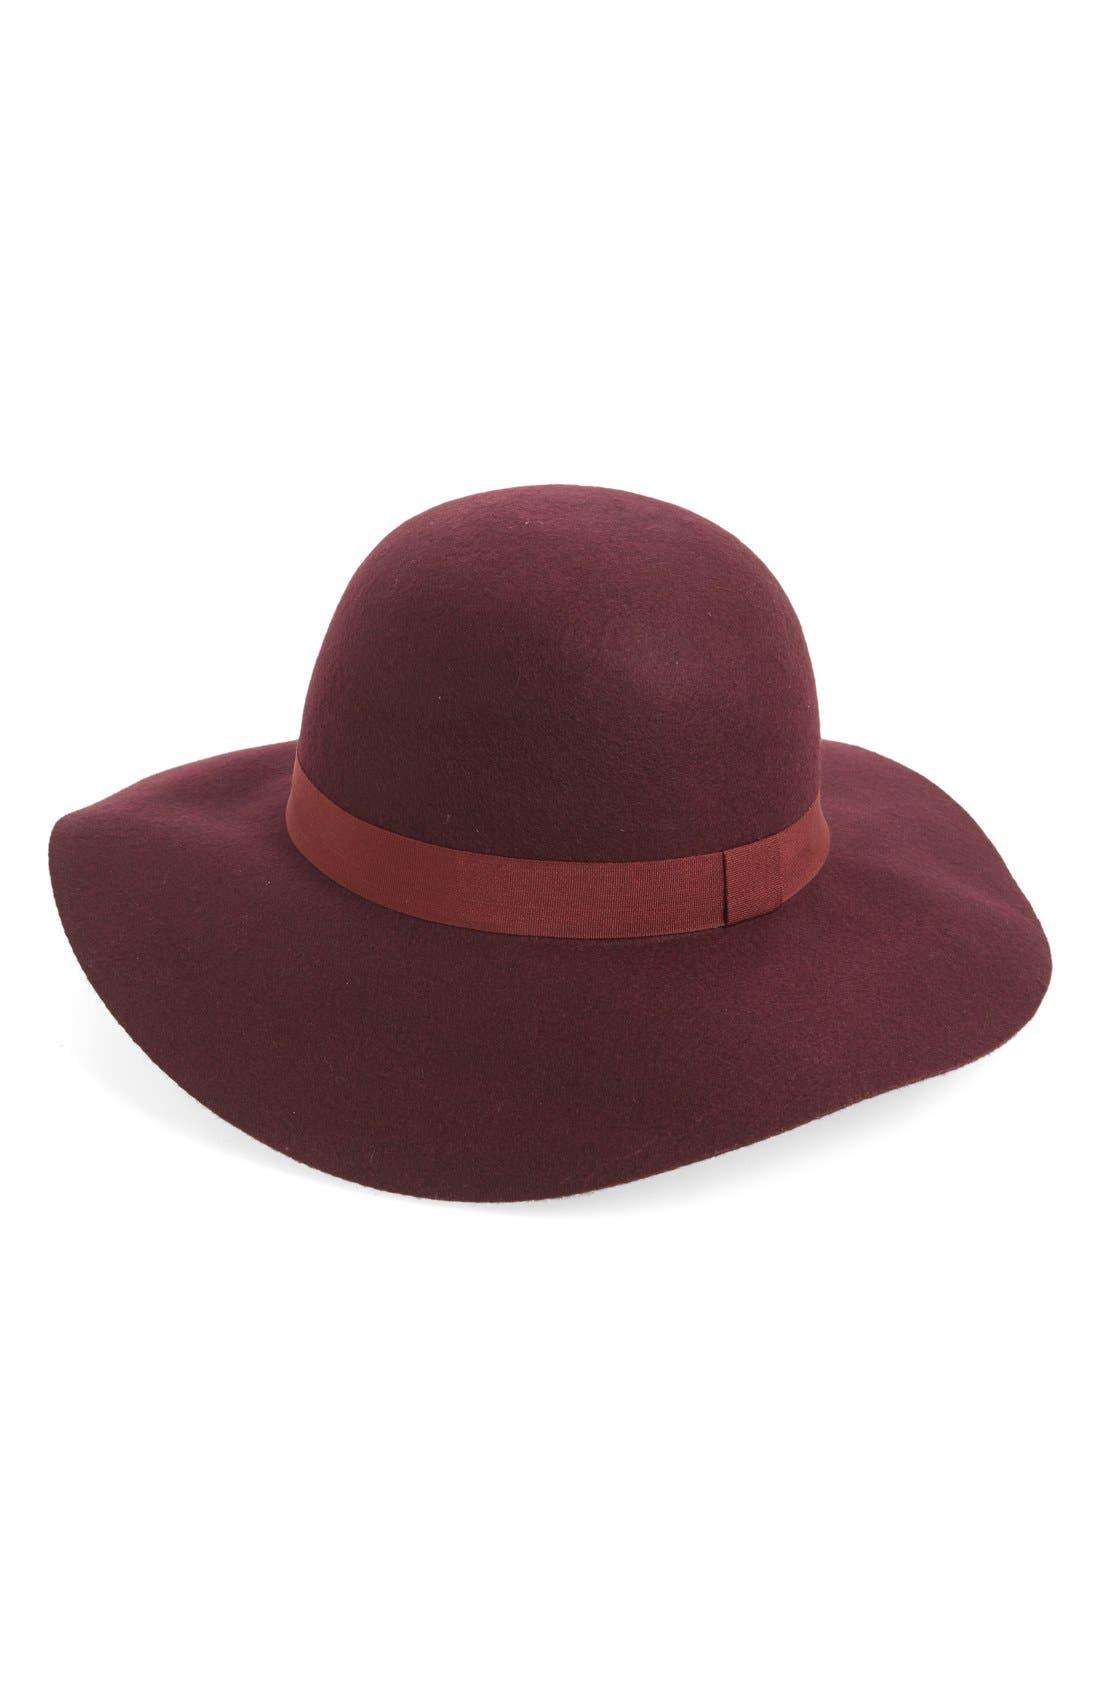 Alternate Image 1 Selected - BP. Ribbon Trim Felt Floppy Hat